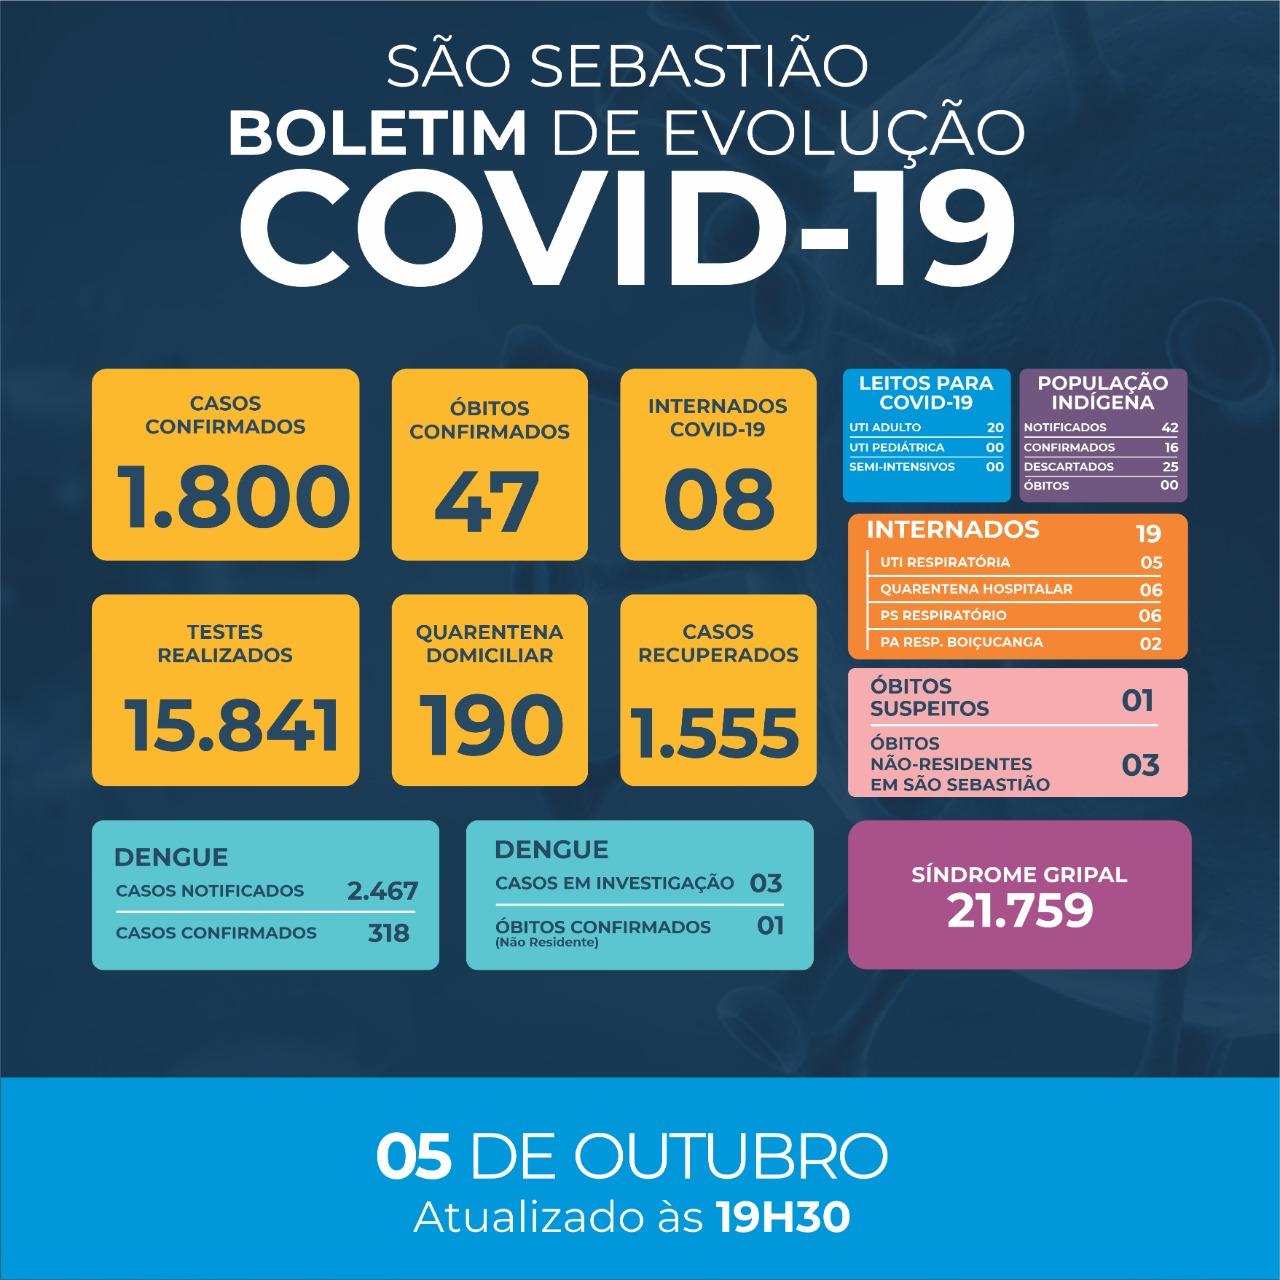 Prefeitura de São Sebastião - COVID-19: Boletim Epidemiológico #204